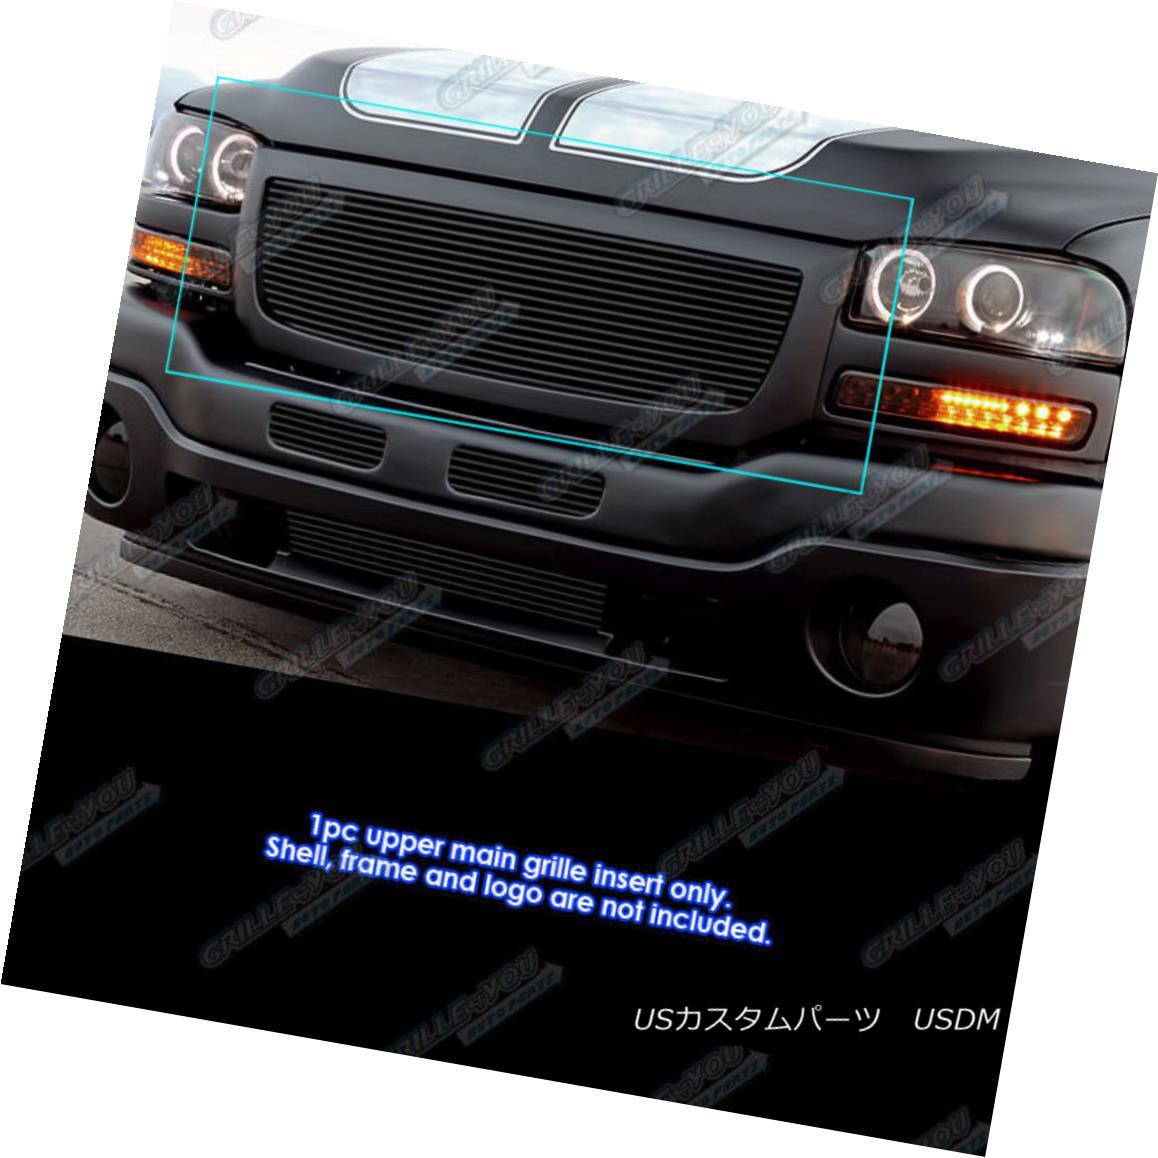 グリル Fits 2003-2007 GMC Sierra 1500/2500HD/3500 Black Billet Grille 2003-2007 GMC Sierra 1500 / 2500HD / 35 00 Black Billet Grilleに適合